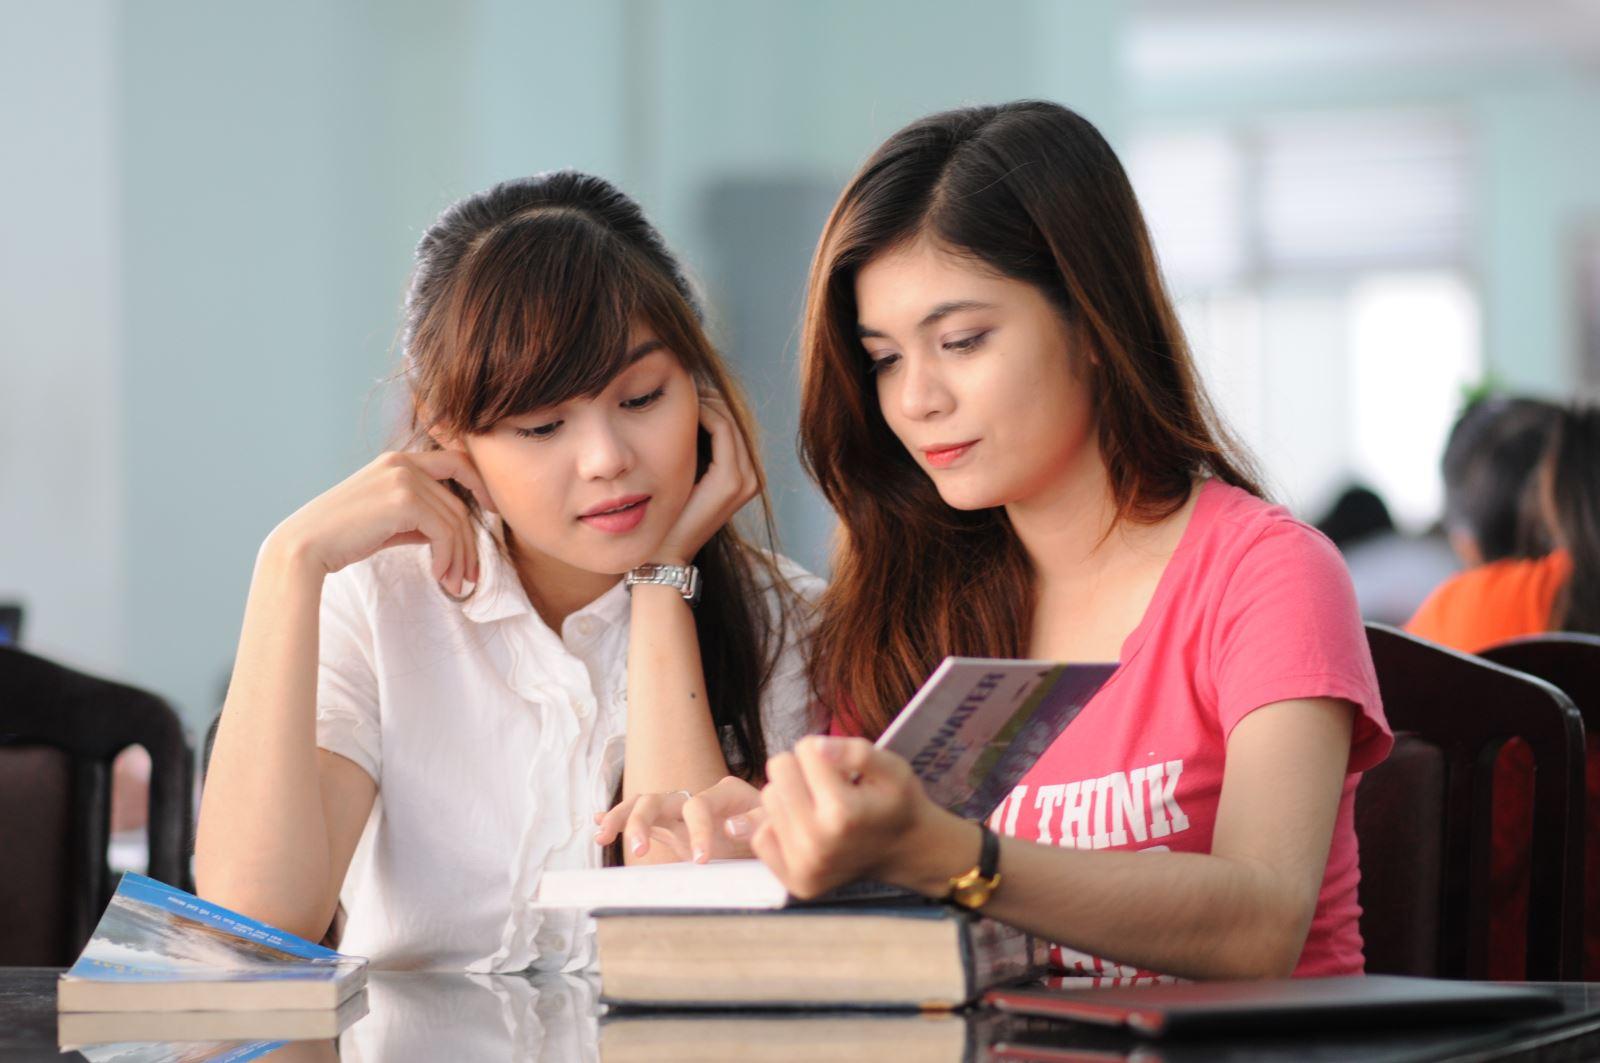 Bật mí kinh nghiệm học tiếng Anh cho sinh viên năm nhất